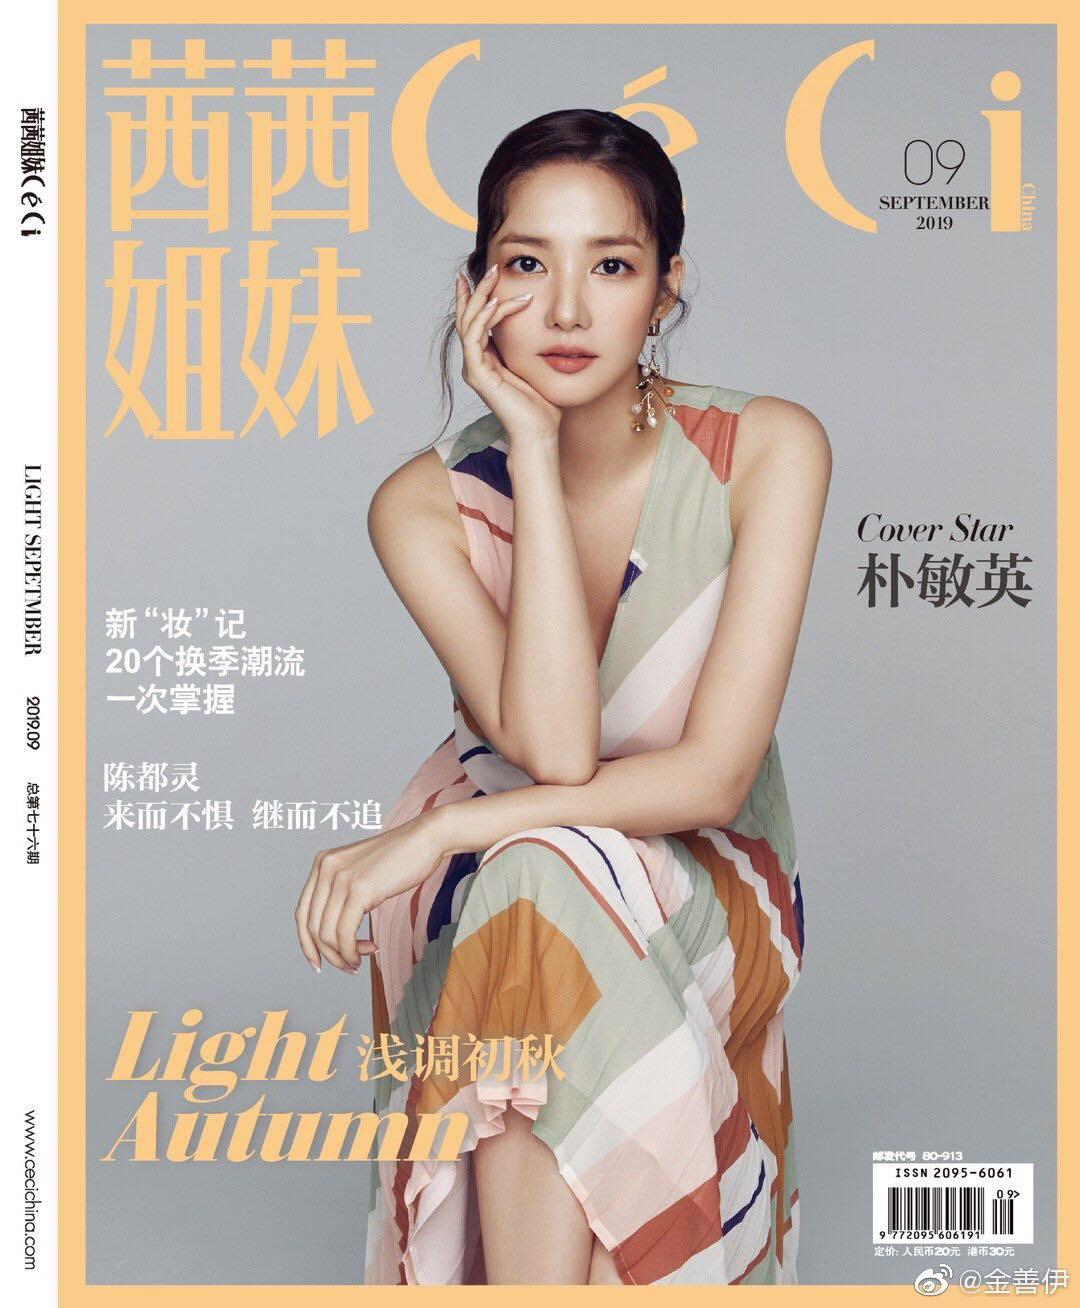 Park Min Young khoe thần thái 'không phải dạng vừa đâu' trên bìa tạp chí